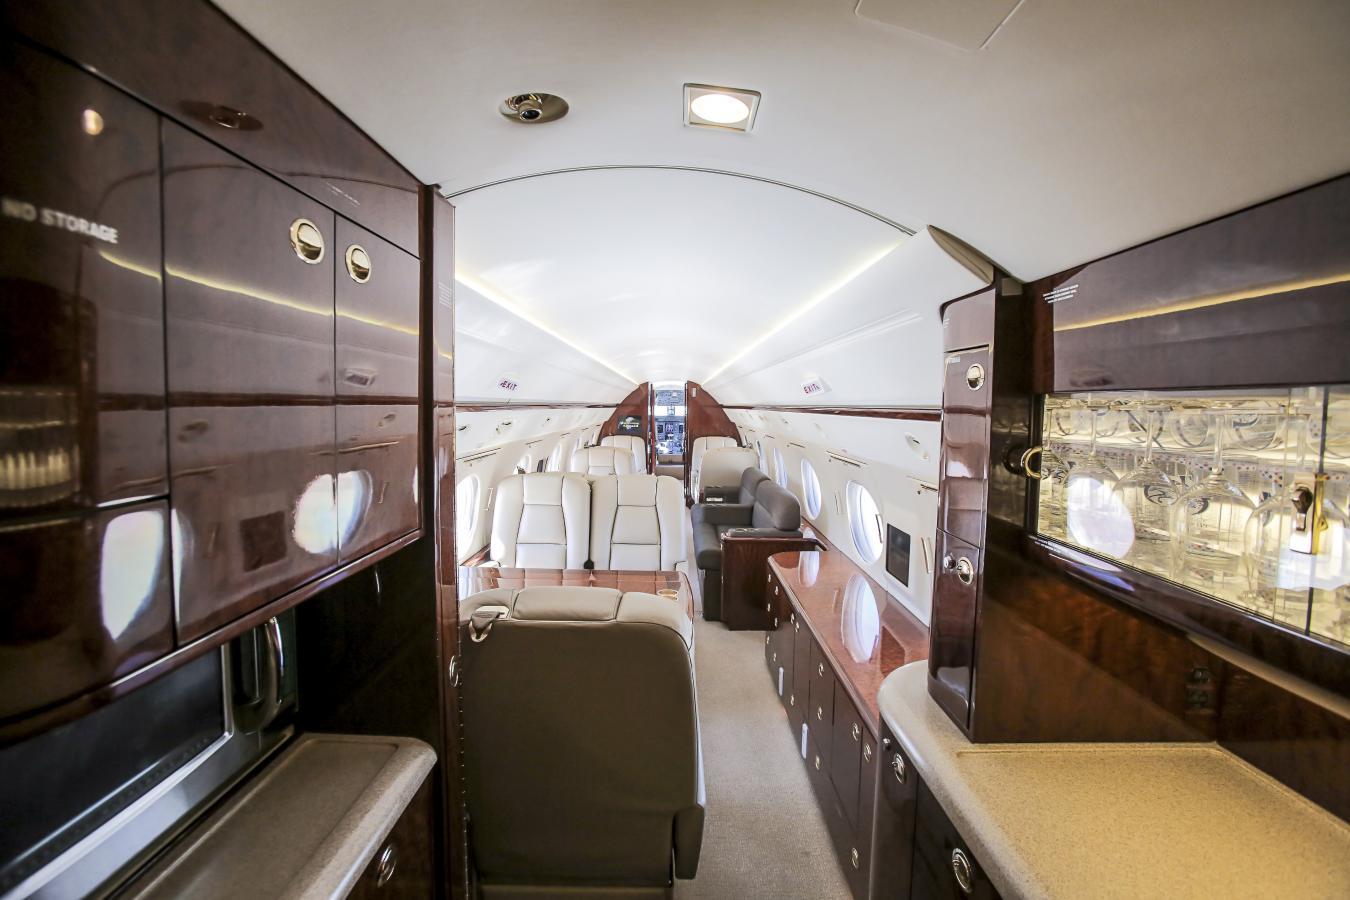 Стандартные удобства в Gulfstream V включают в себя полноразмерную кухню, оборудованную для приготовления горячей и холодной пищи